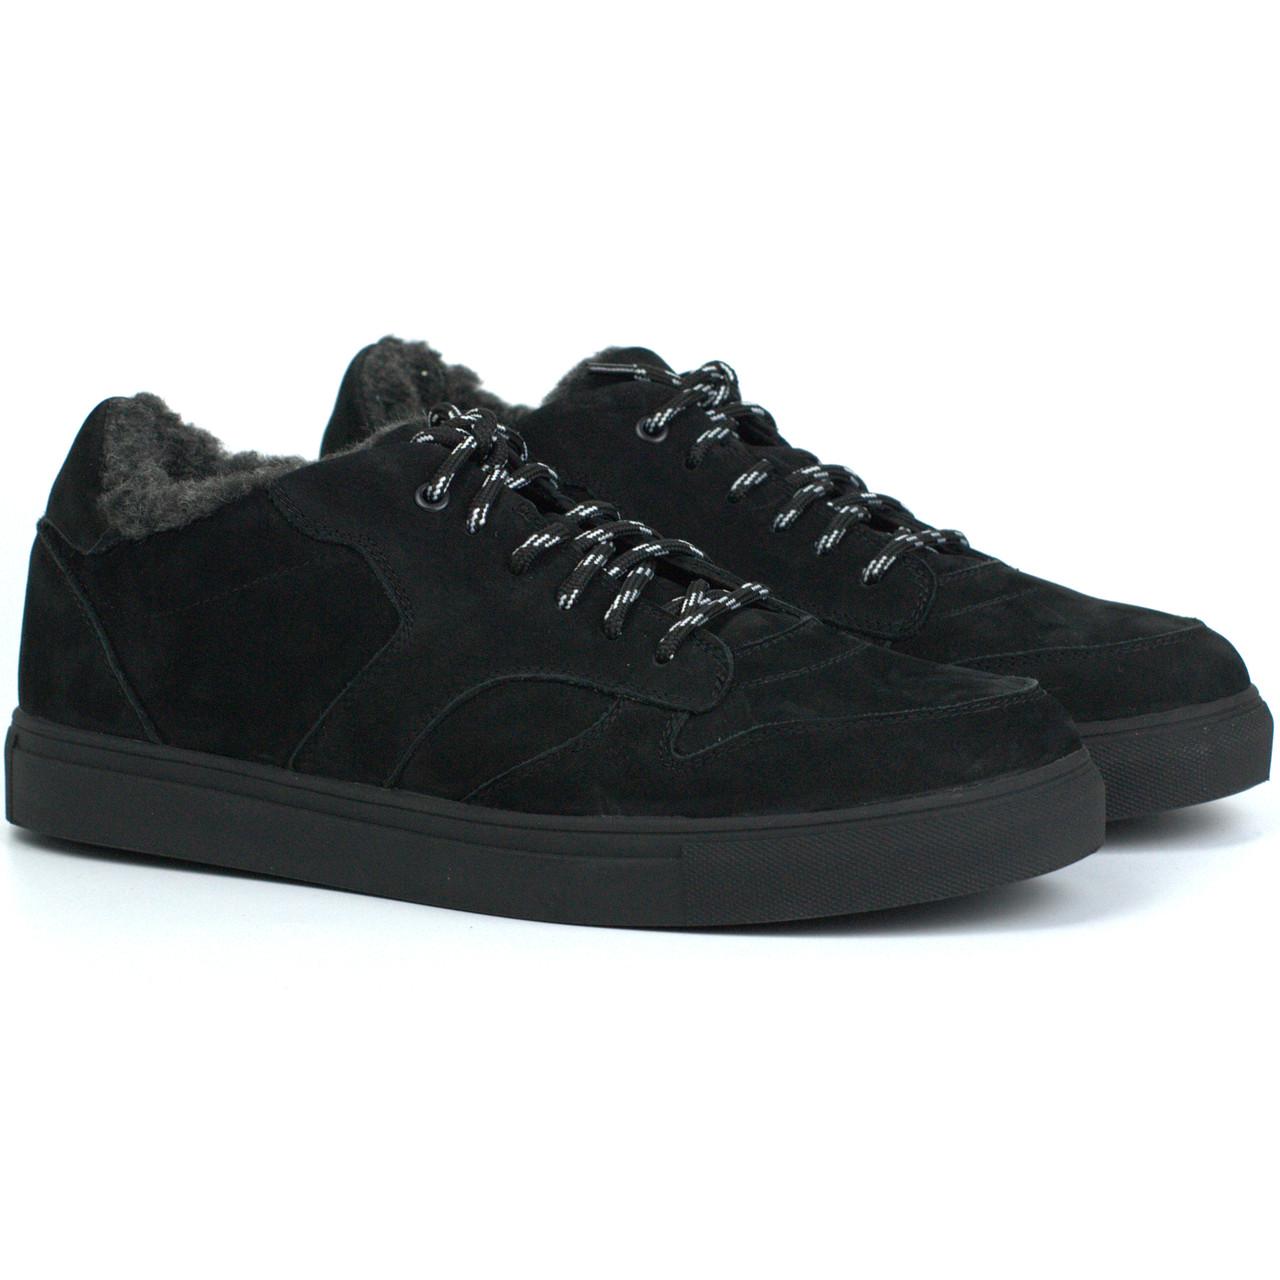 Кросівки шкіряні на хутрі м'які нубукові чоловіче взуття великих розмірів Rosso Avangard Winter ReBaKa NUB BS